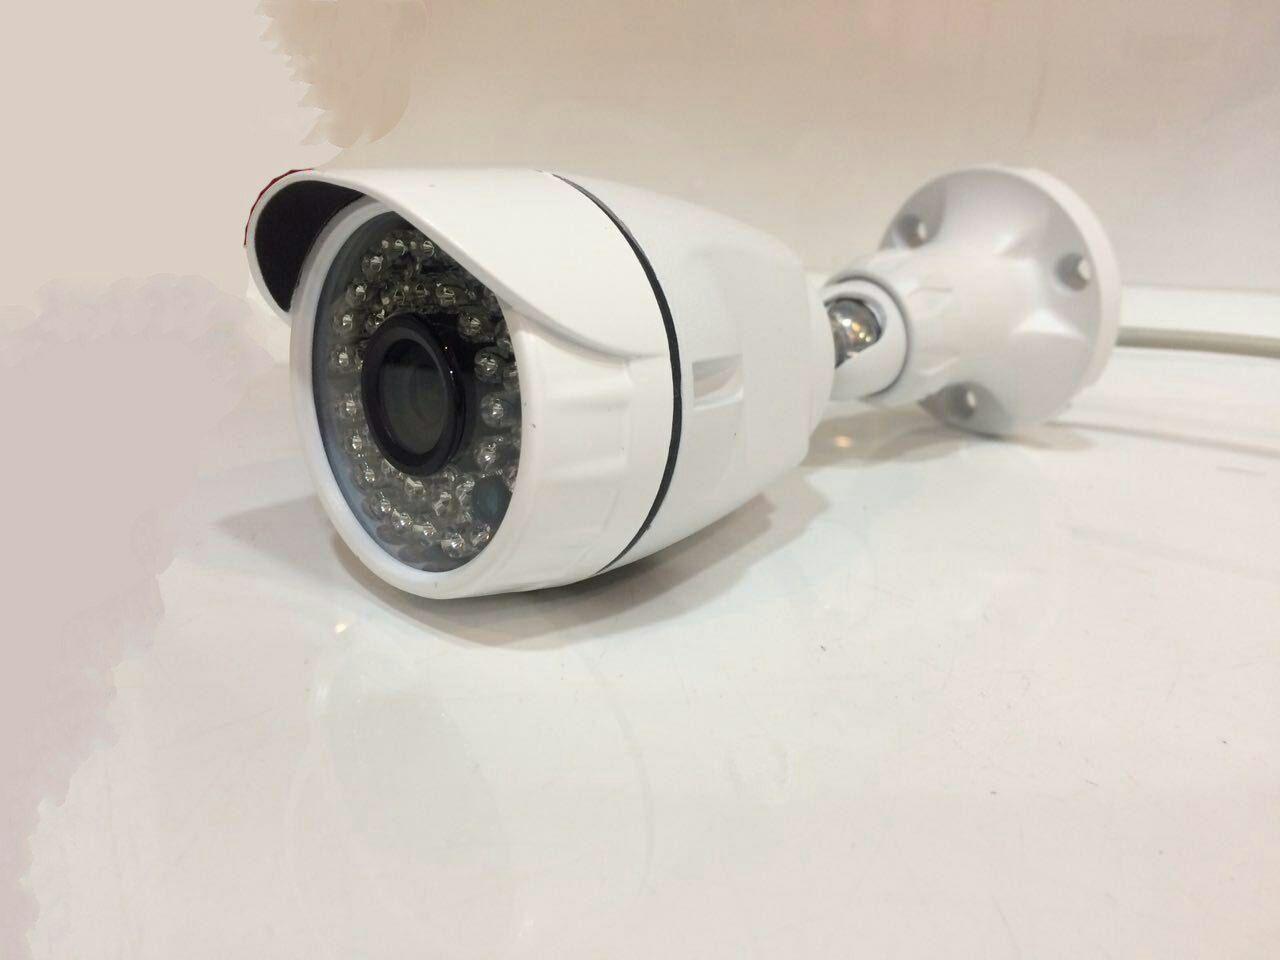 دوربین مدار بسته بولت سونی ۳۲۳ مدل B22